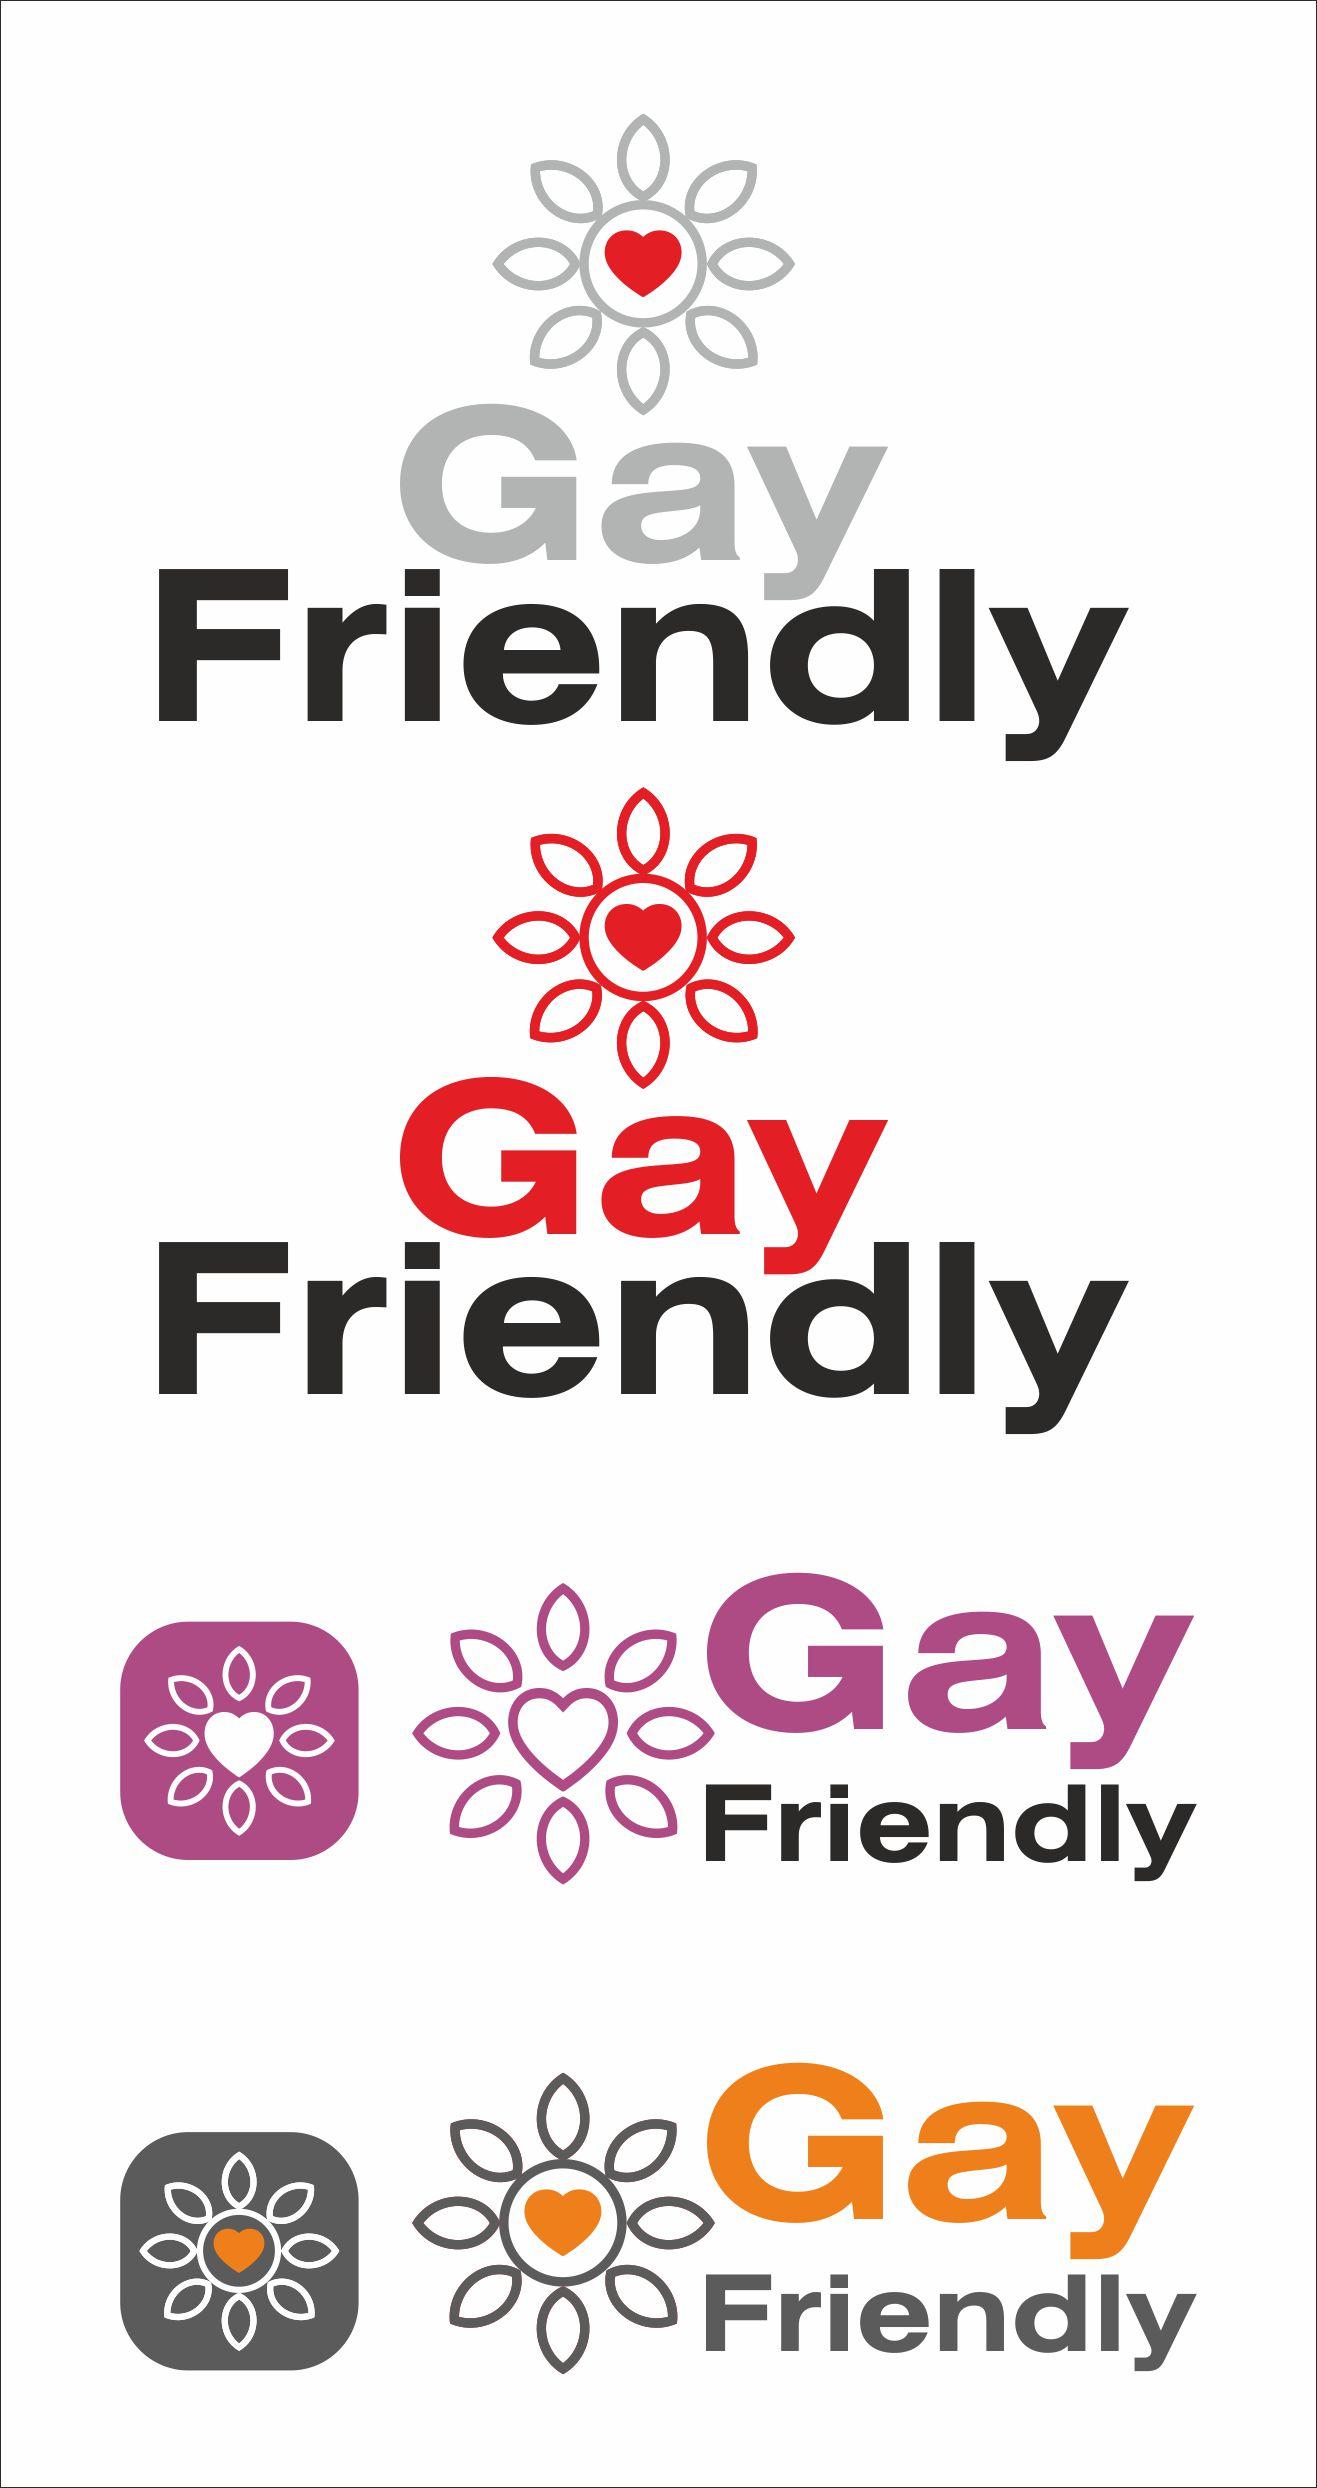 Разработать логотип для англоязычн. сайта знакомств для геев фото f_4485b44ba1538718.jpg